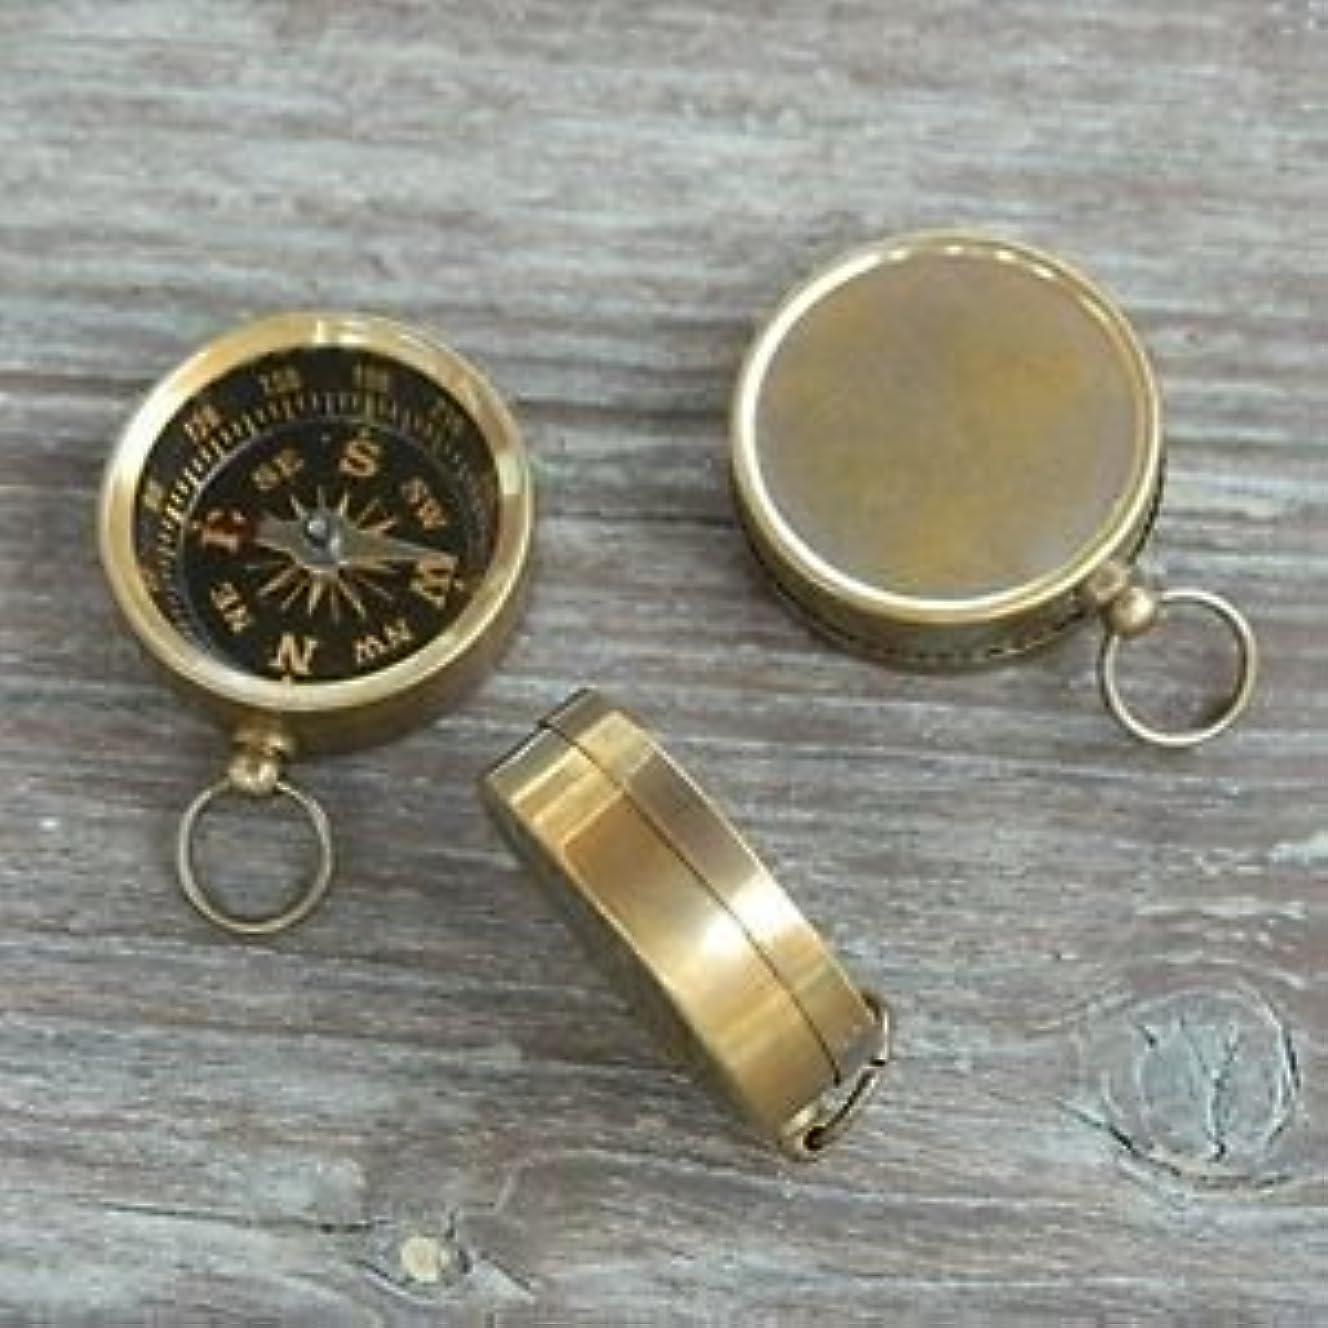 砂ジャズ段階Antiqued Brass Compass 1.5 mini Pocket Compass Nautical Marine by NAUTICALMART